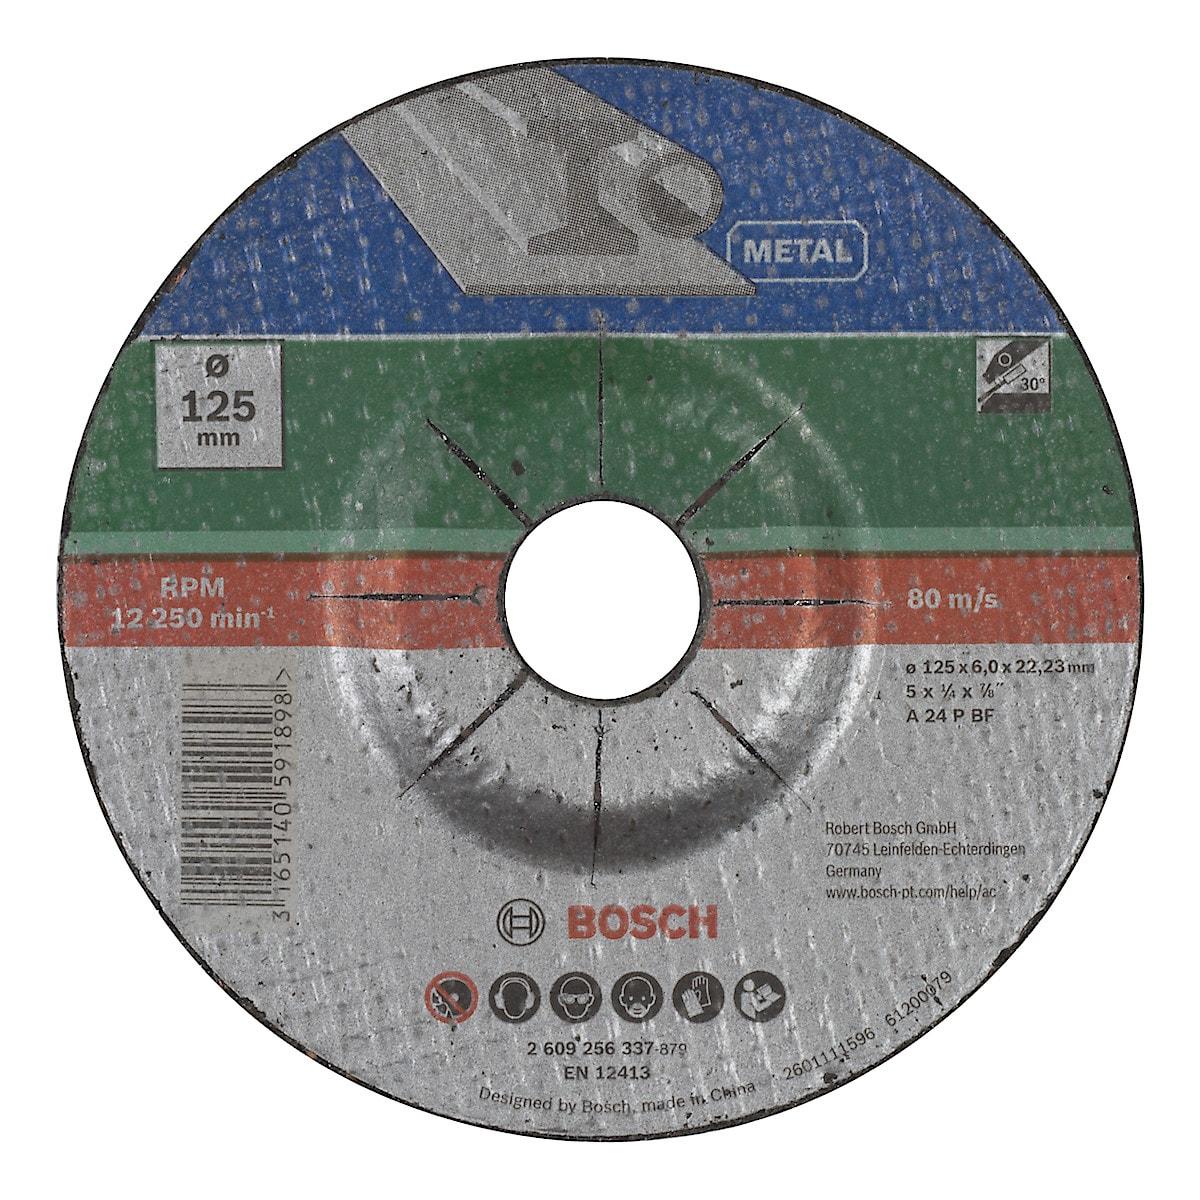 Slipskiva för metall 125 mm, Bosch